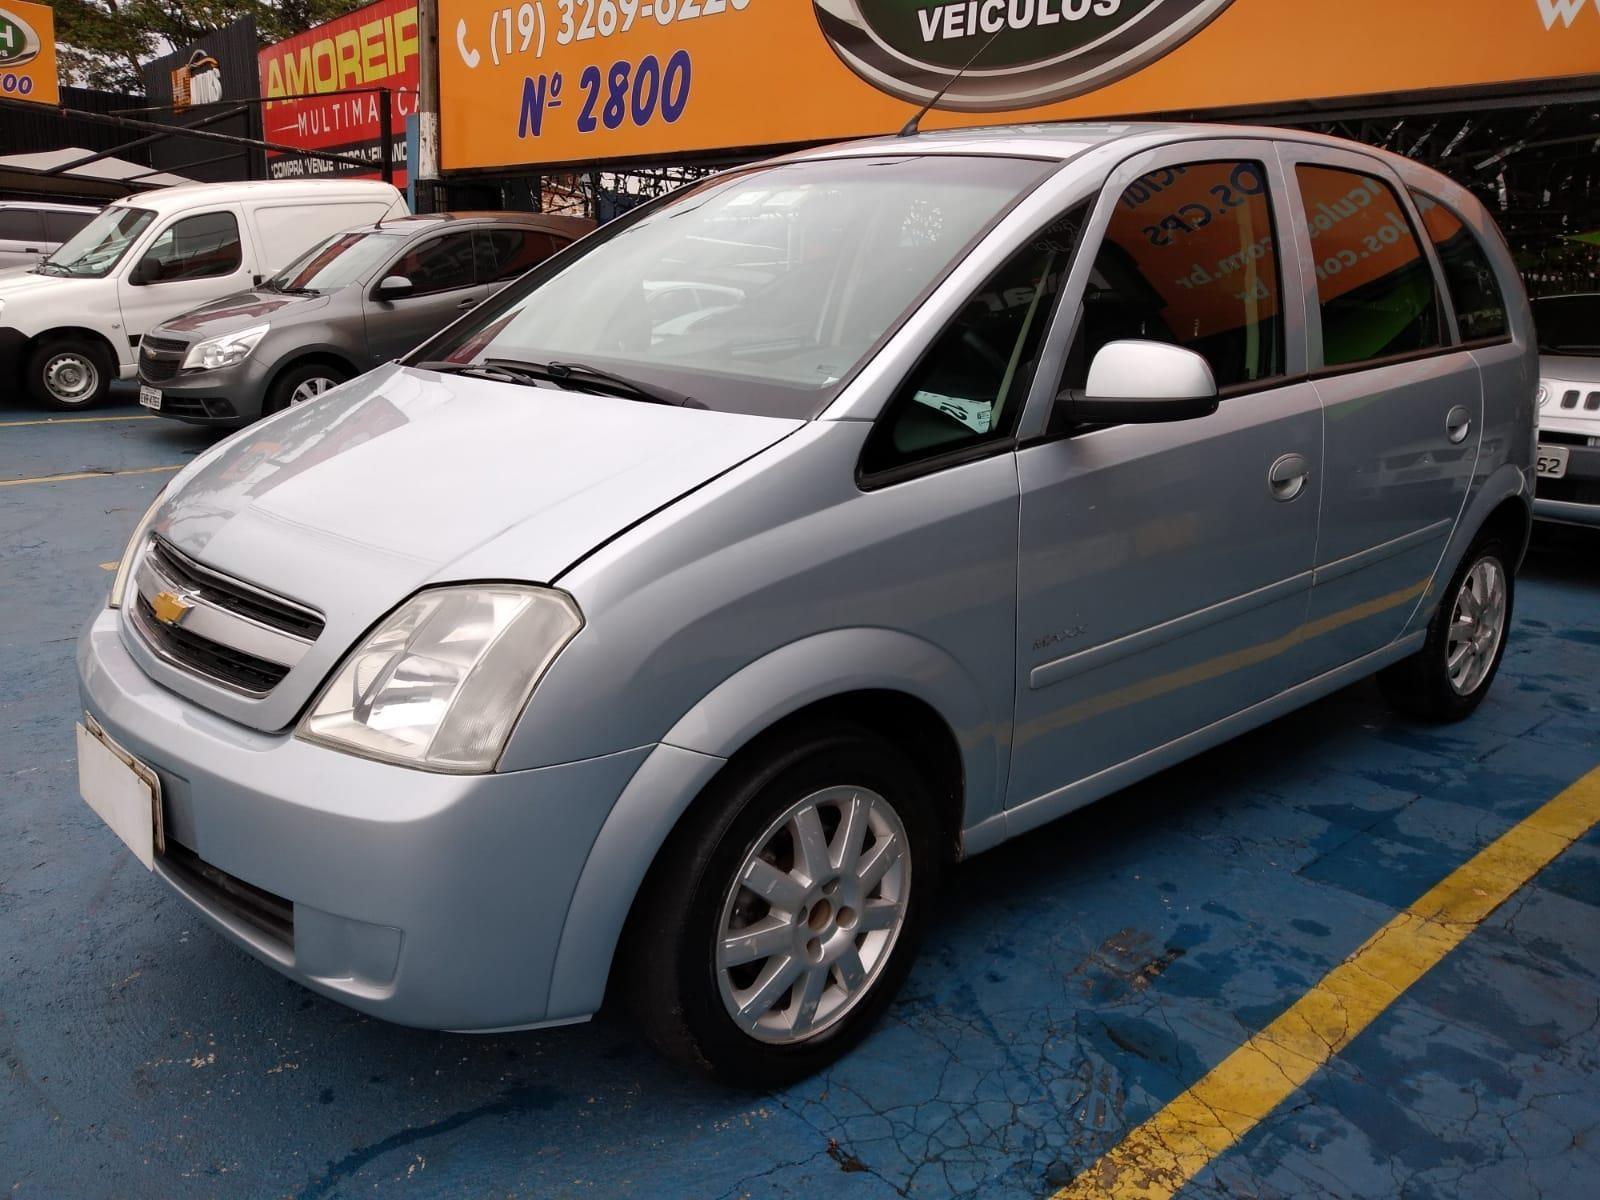 //www.autoline.com.br/carro/chevrolet/meriva-14-maxx-8v-flex-4p-manual/2012/campinas-sp/15838235